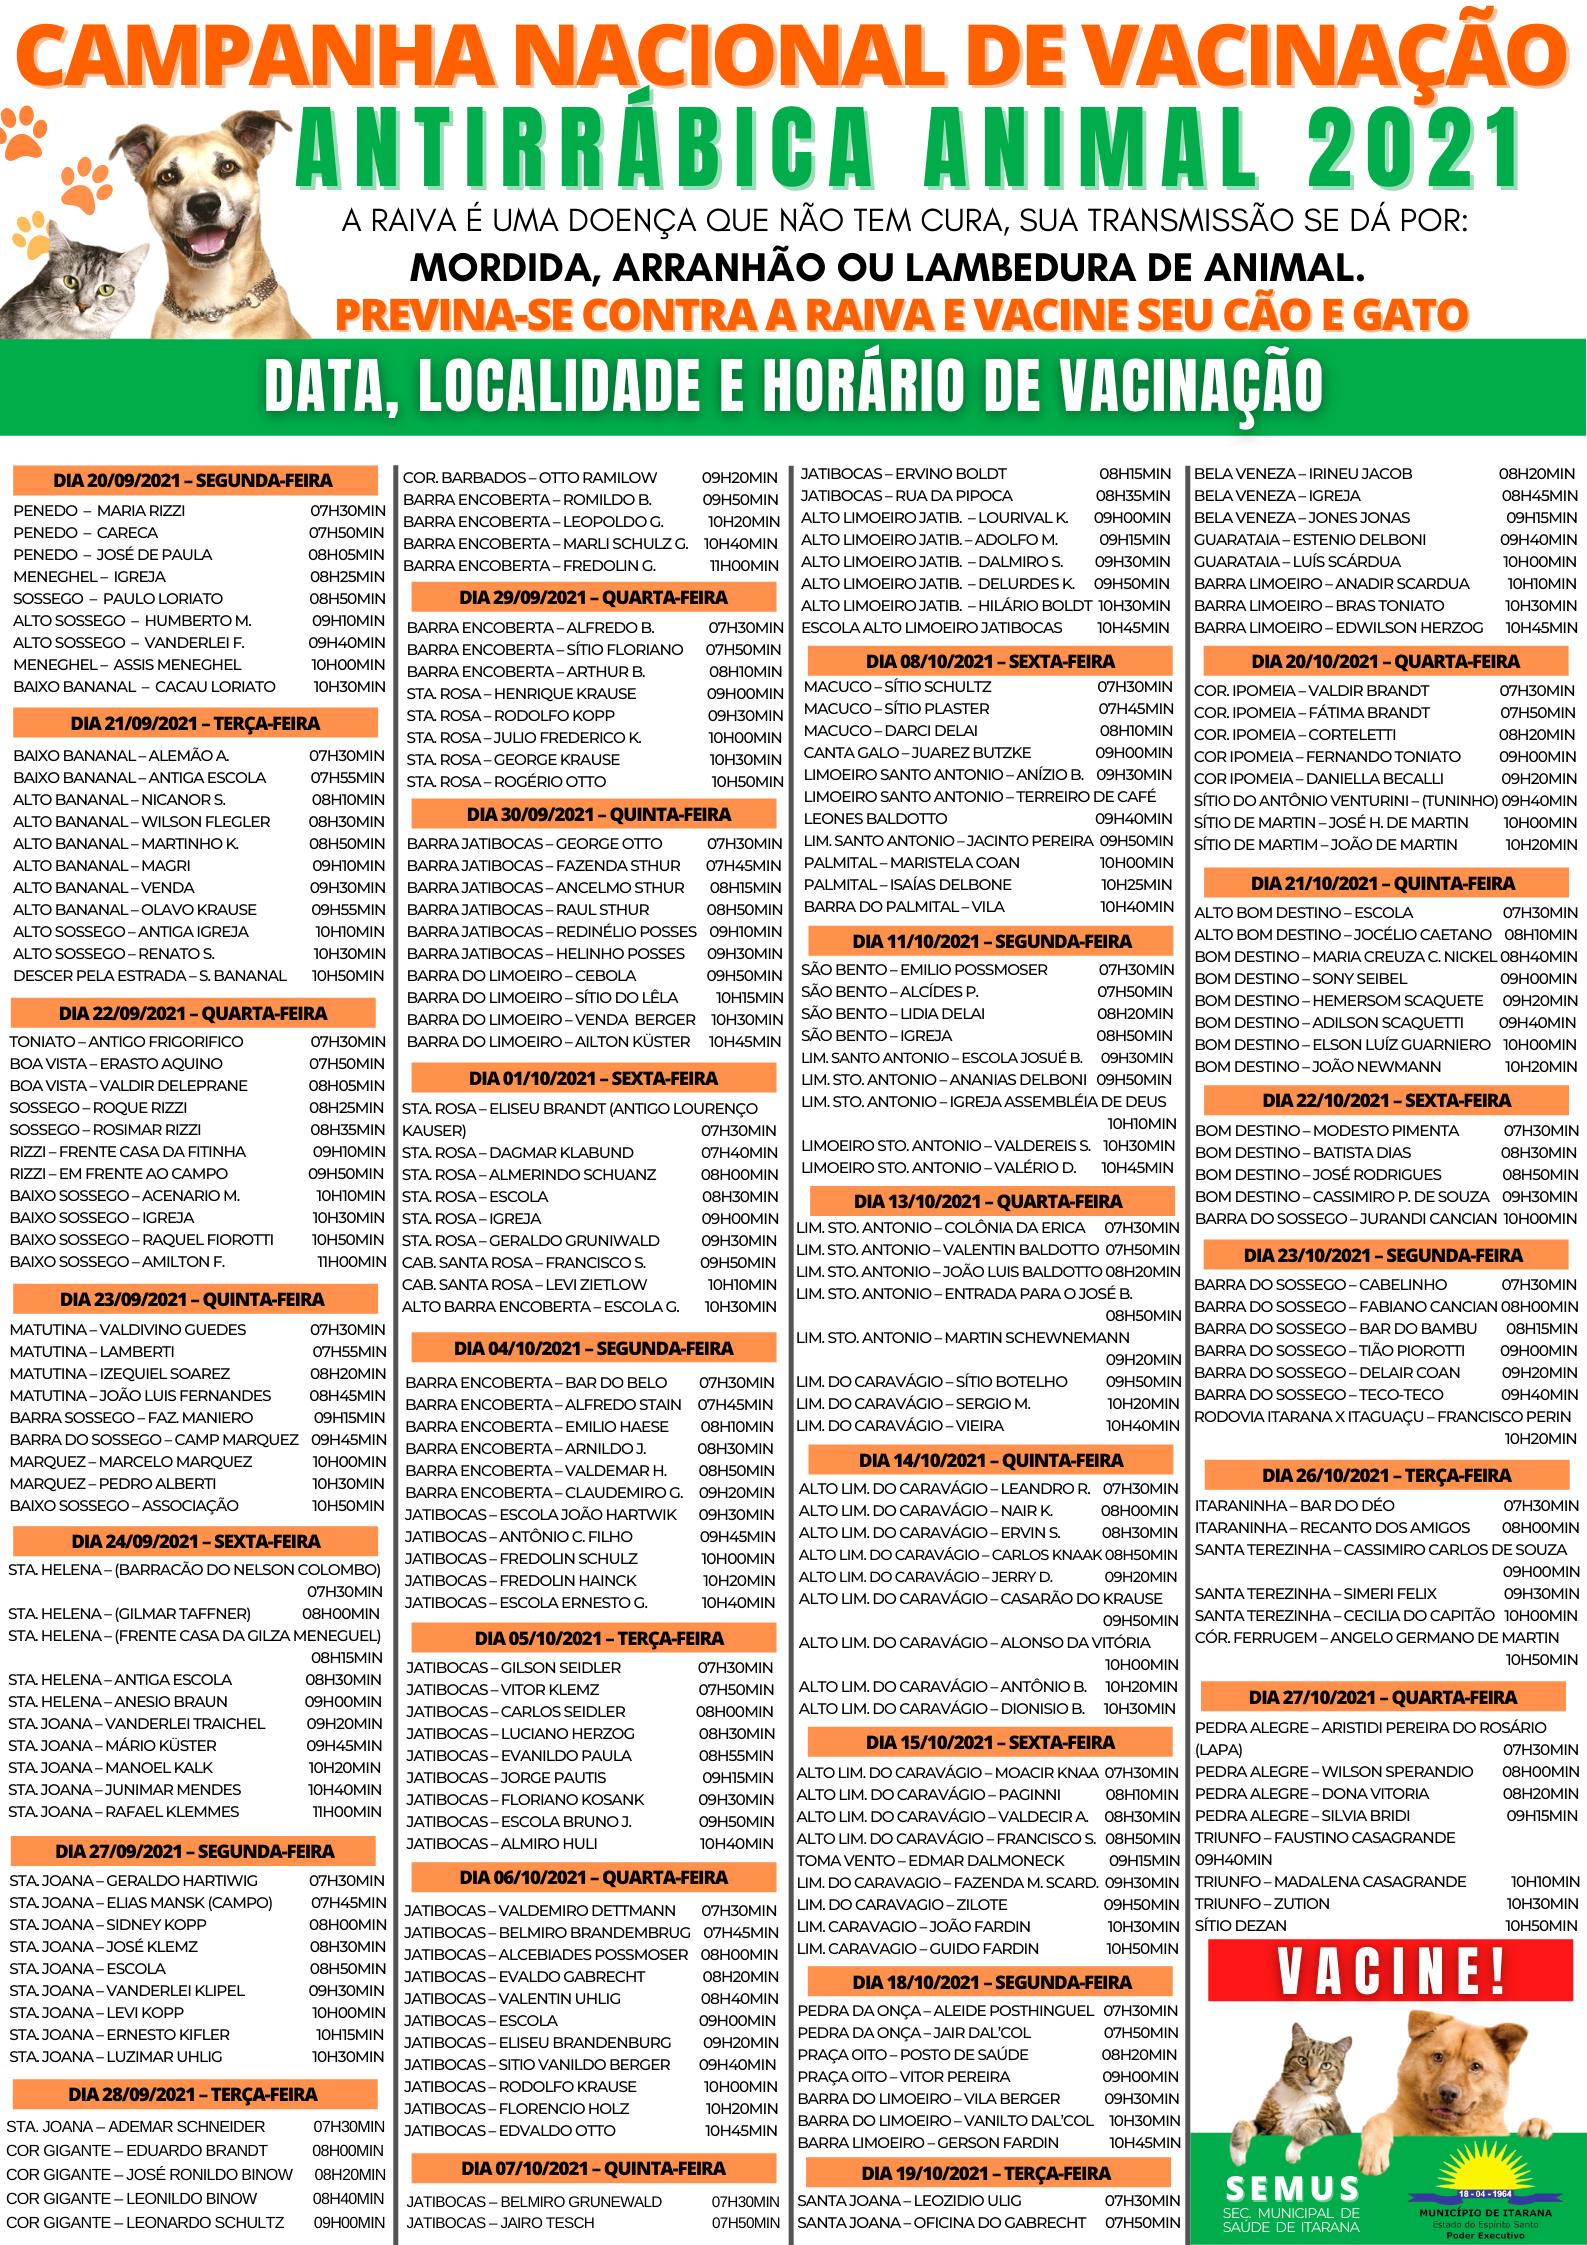 Campanha Nacional de Vacinação Antirrábica 2021 em Itarana acontece de 20 de setembro a 27 de outubro